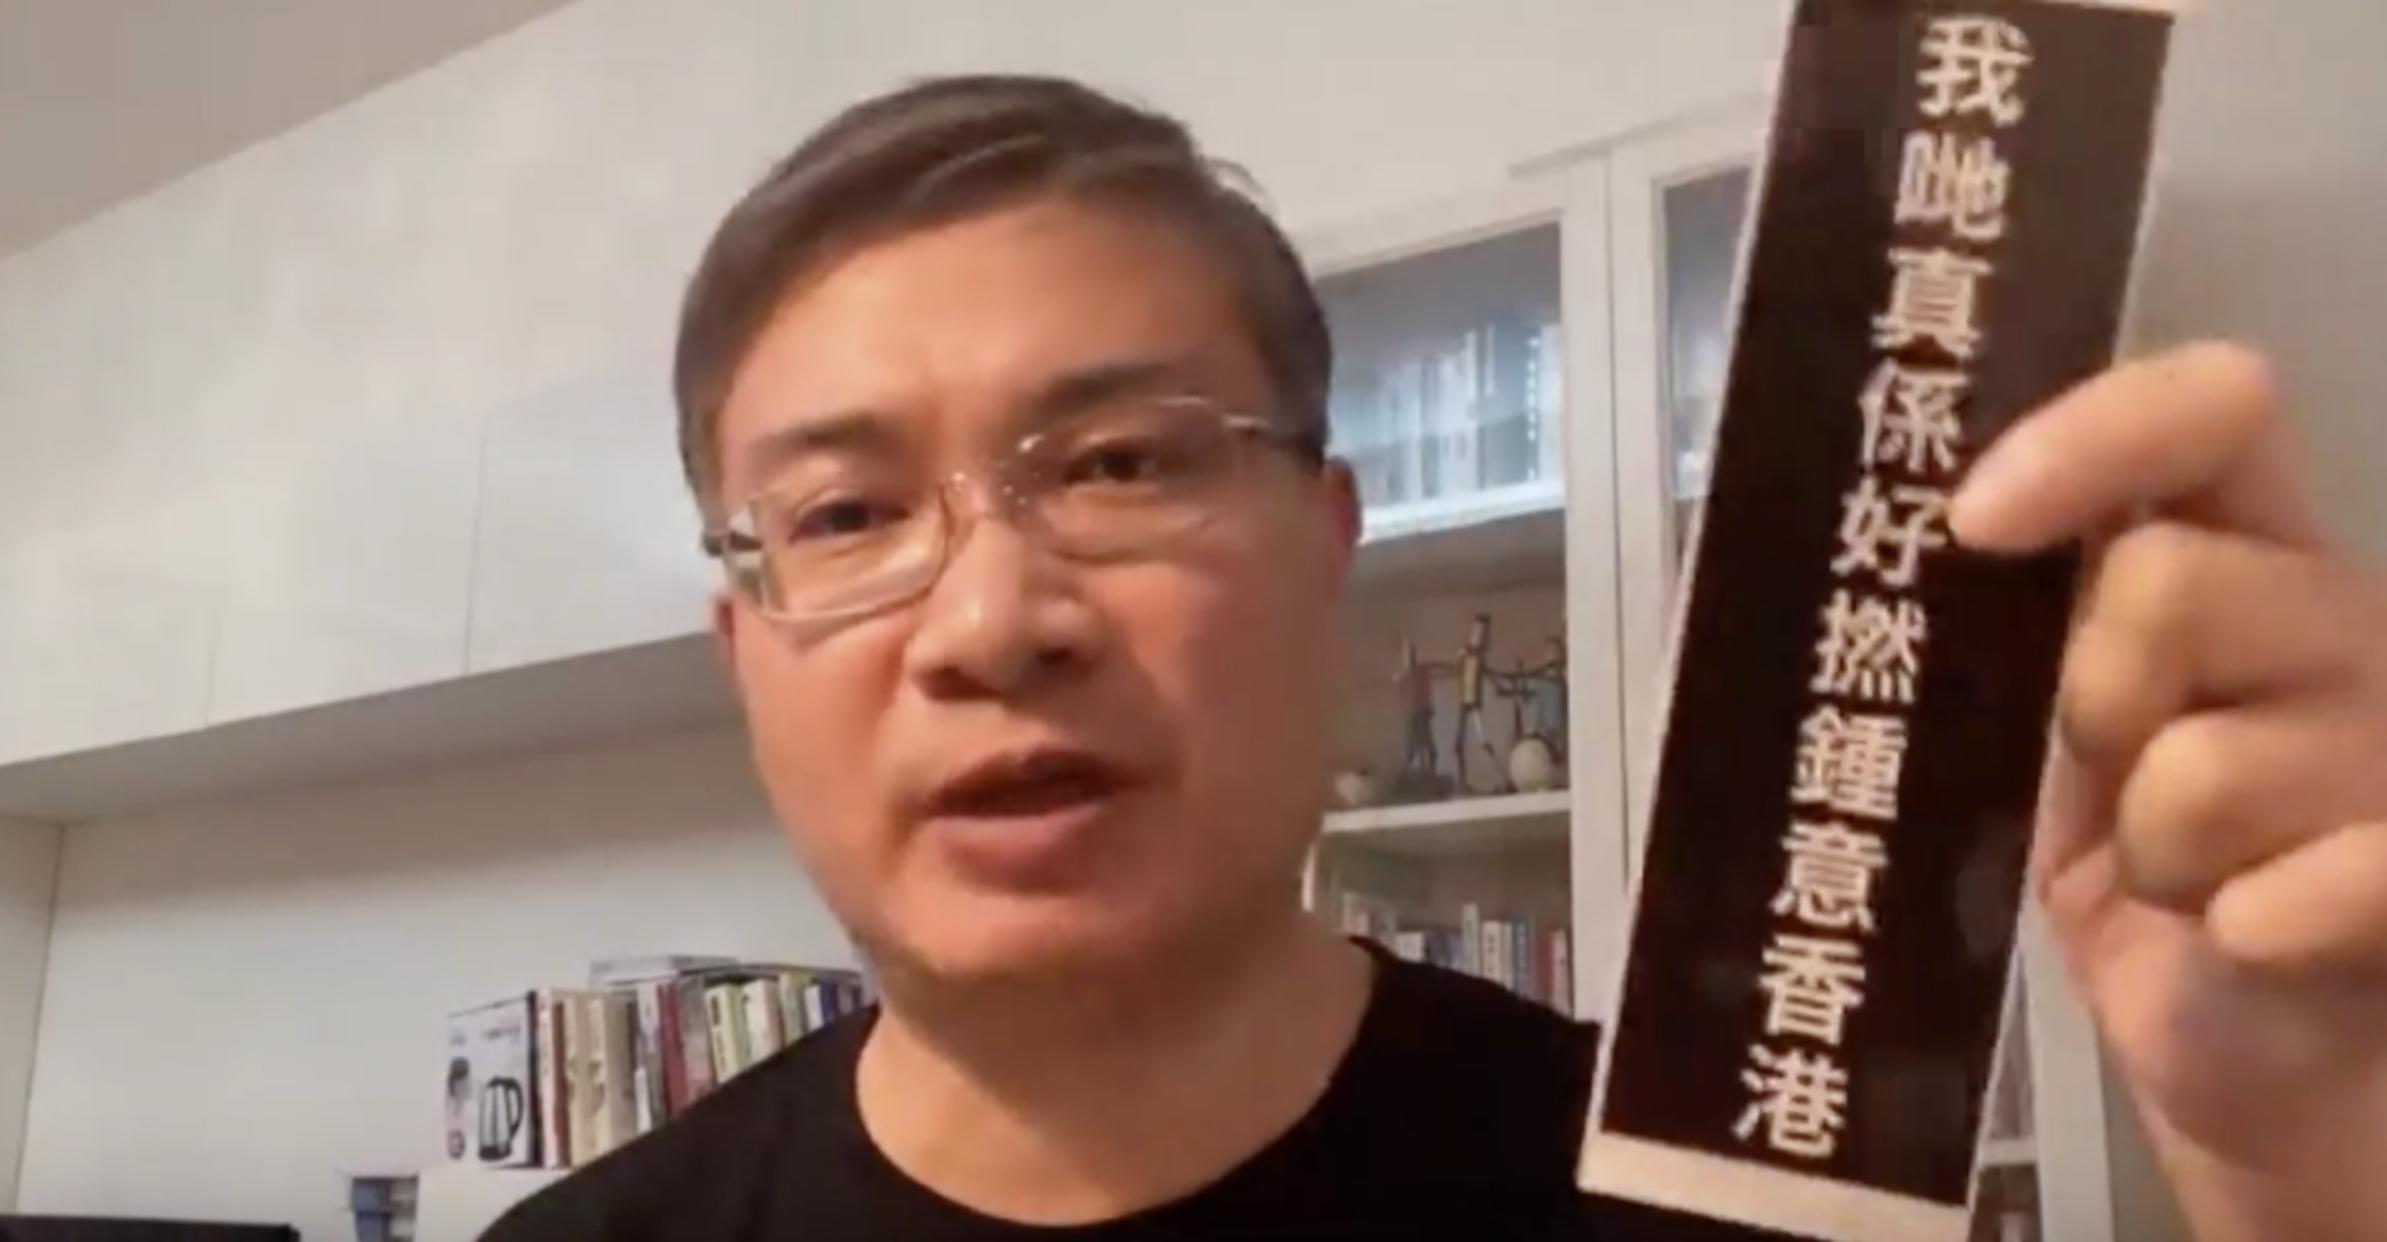 臺灣香港協會理事長桑普律師。(西藏臺灣人權連線臉書)